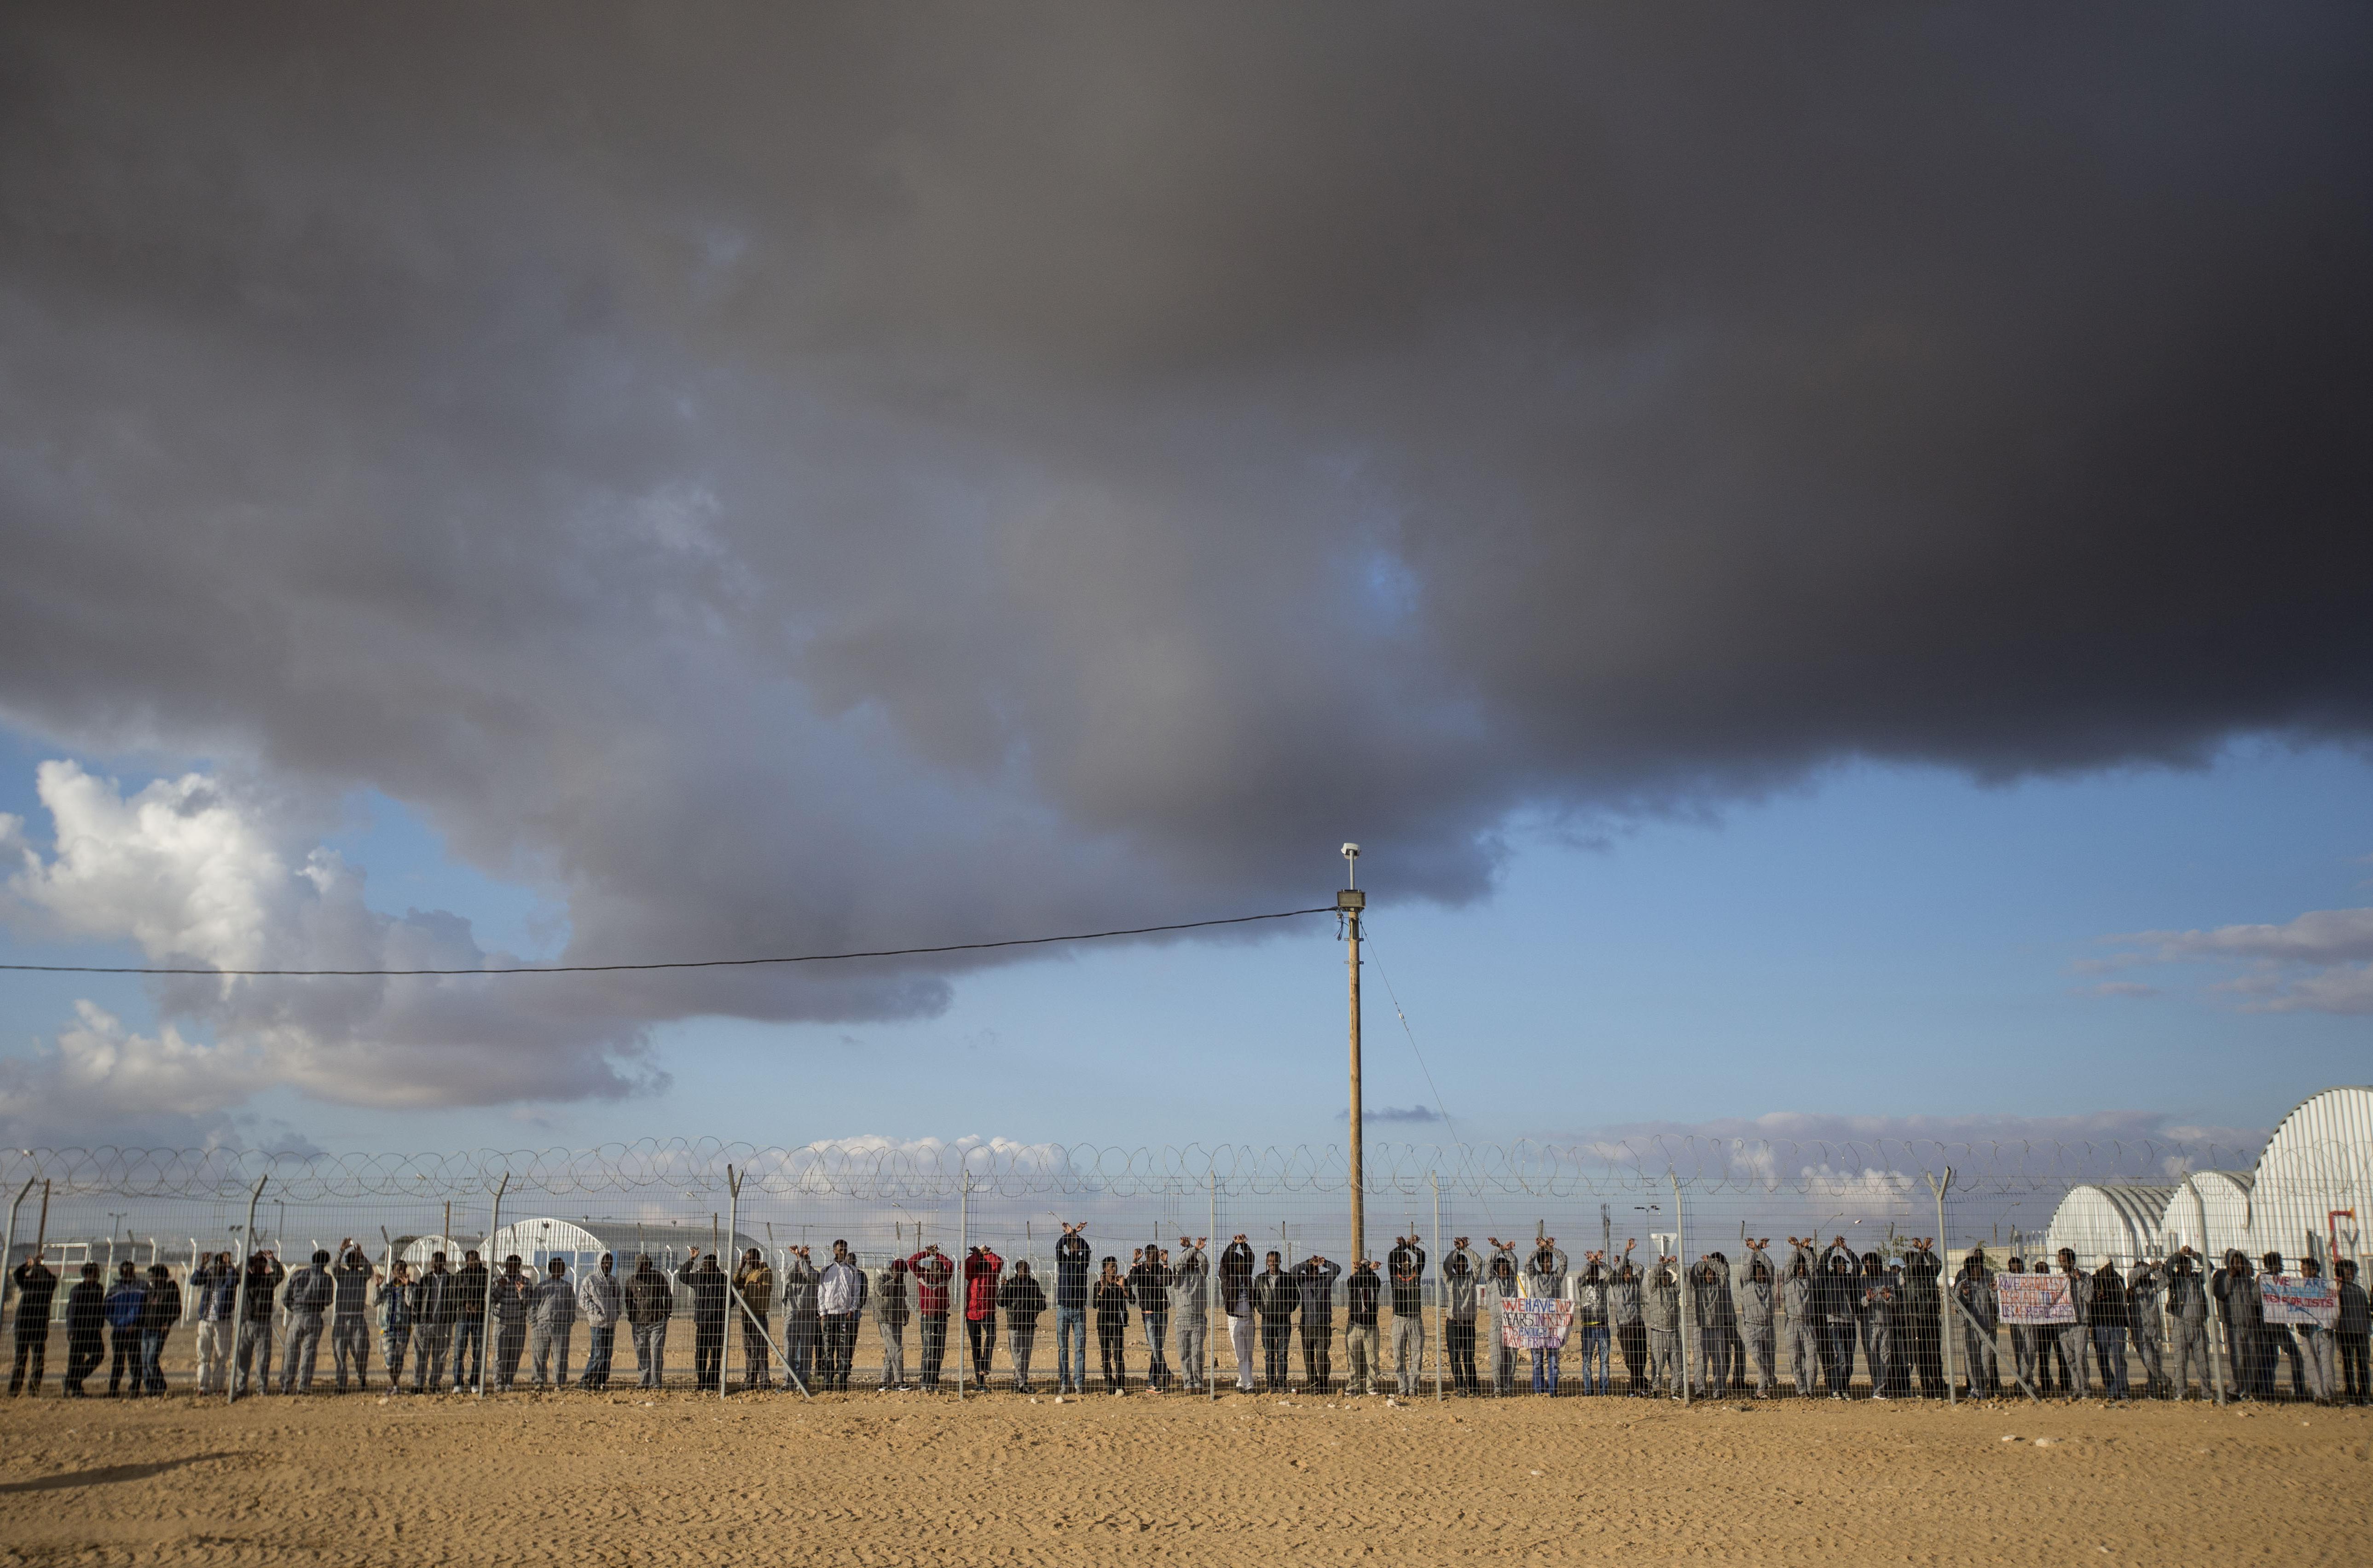 Izrael bezárja a Holot menekülttábort, és az ott élők választhatnak, börtönbe vagy Ruandába akarnak-e menni